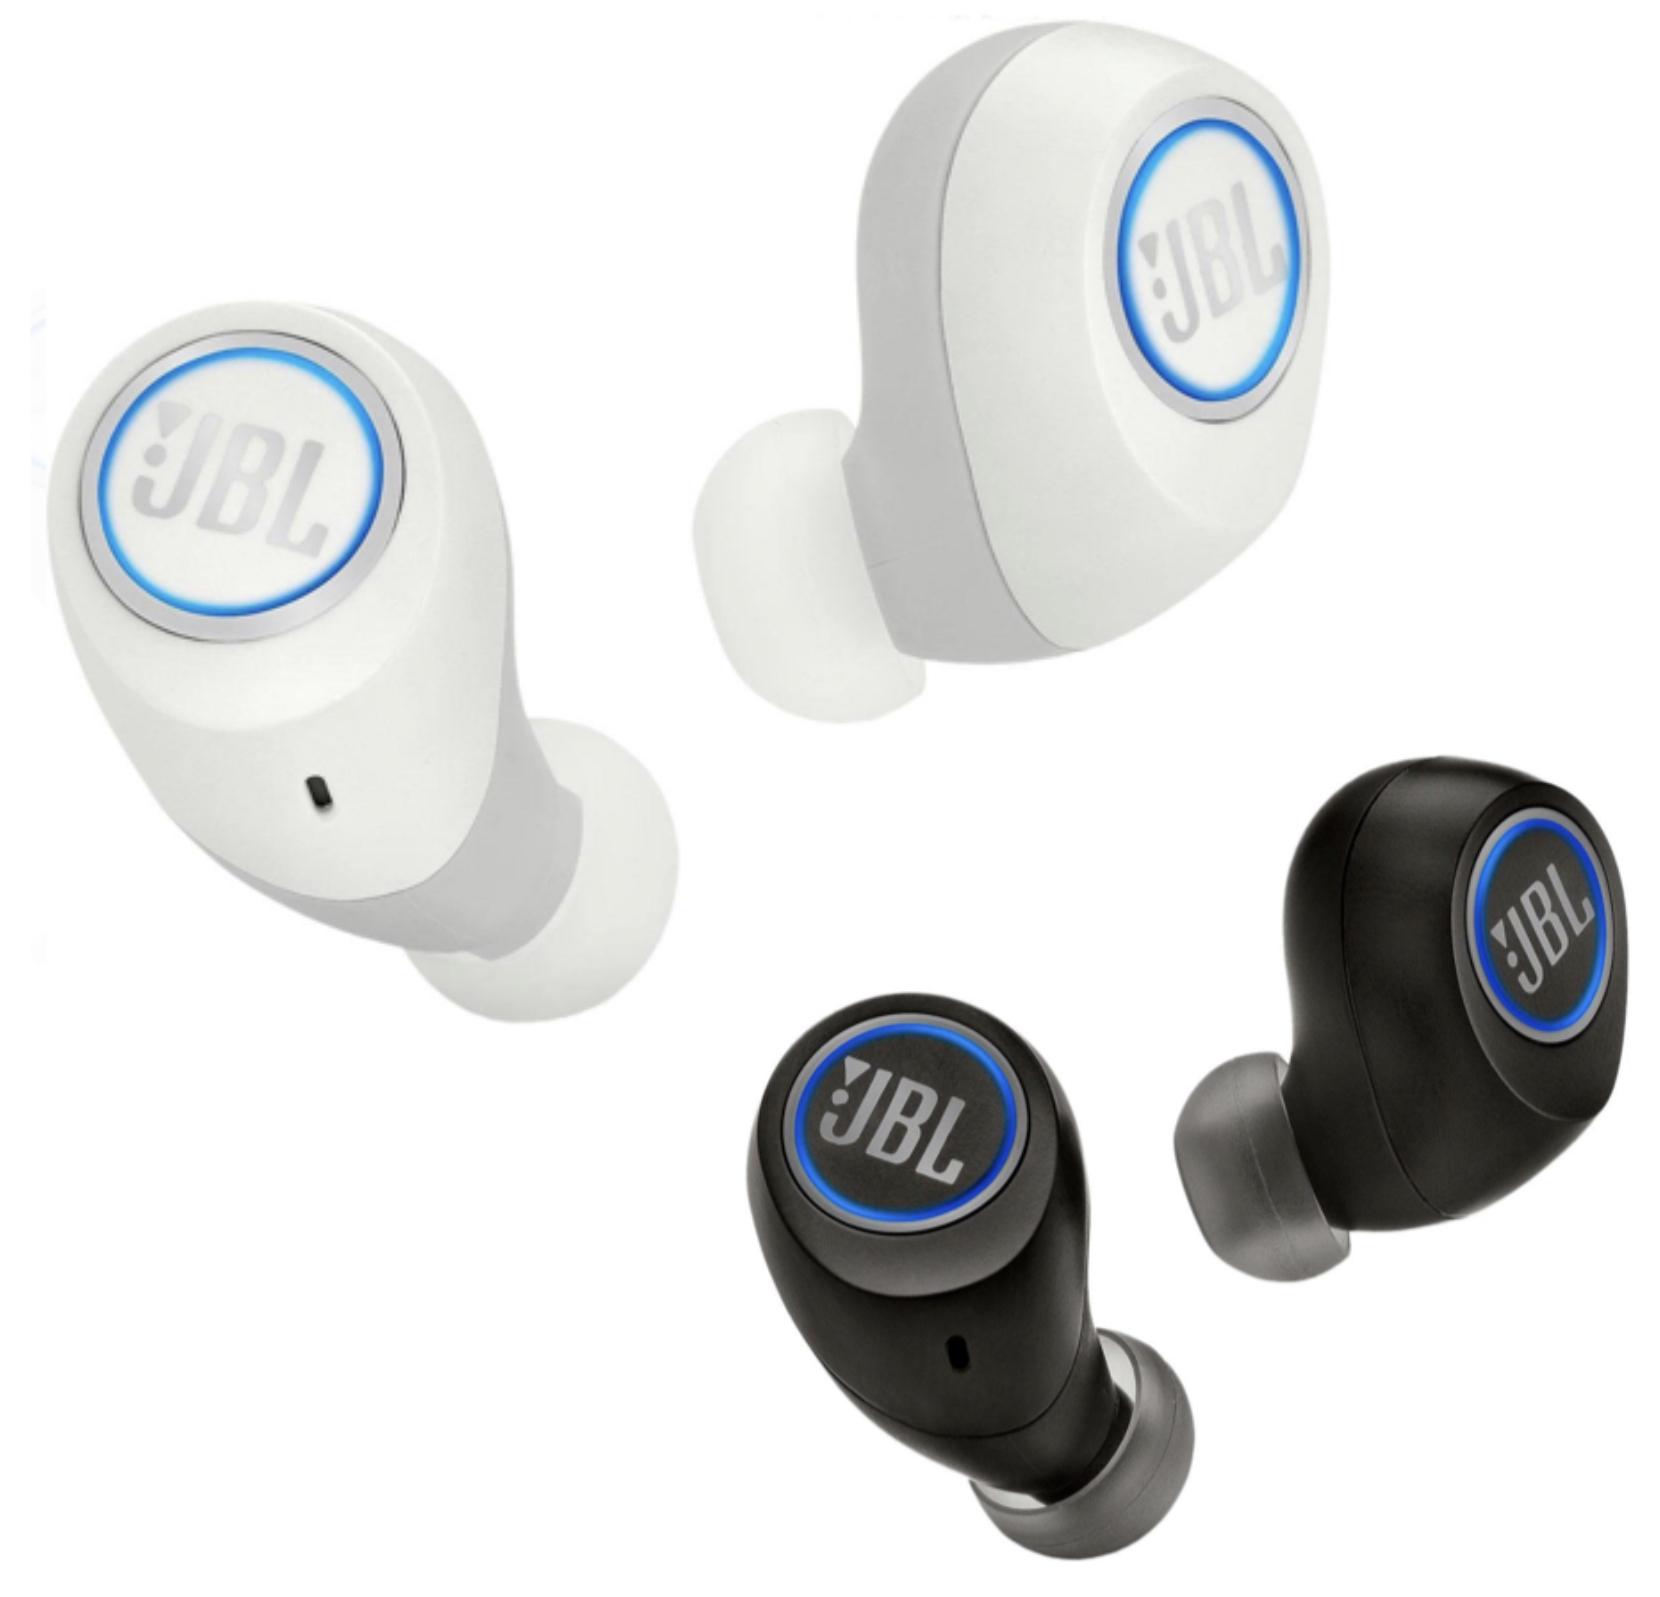 JBL Free X In Ear Bluetooth Wireless Kopfhörer mit smarter Ladestation IPX 5 für 60,94€ inkl. Versandkosten